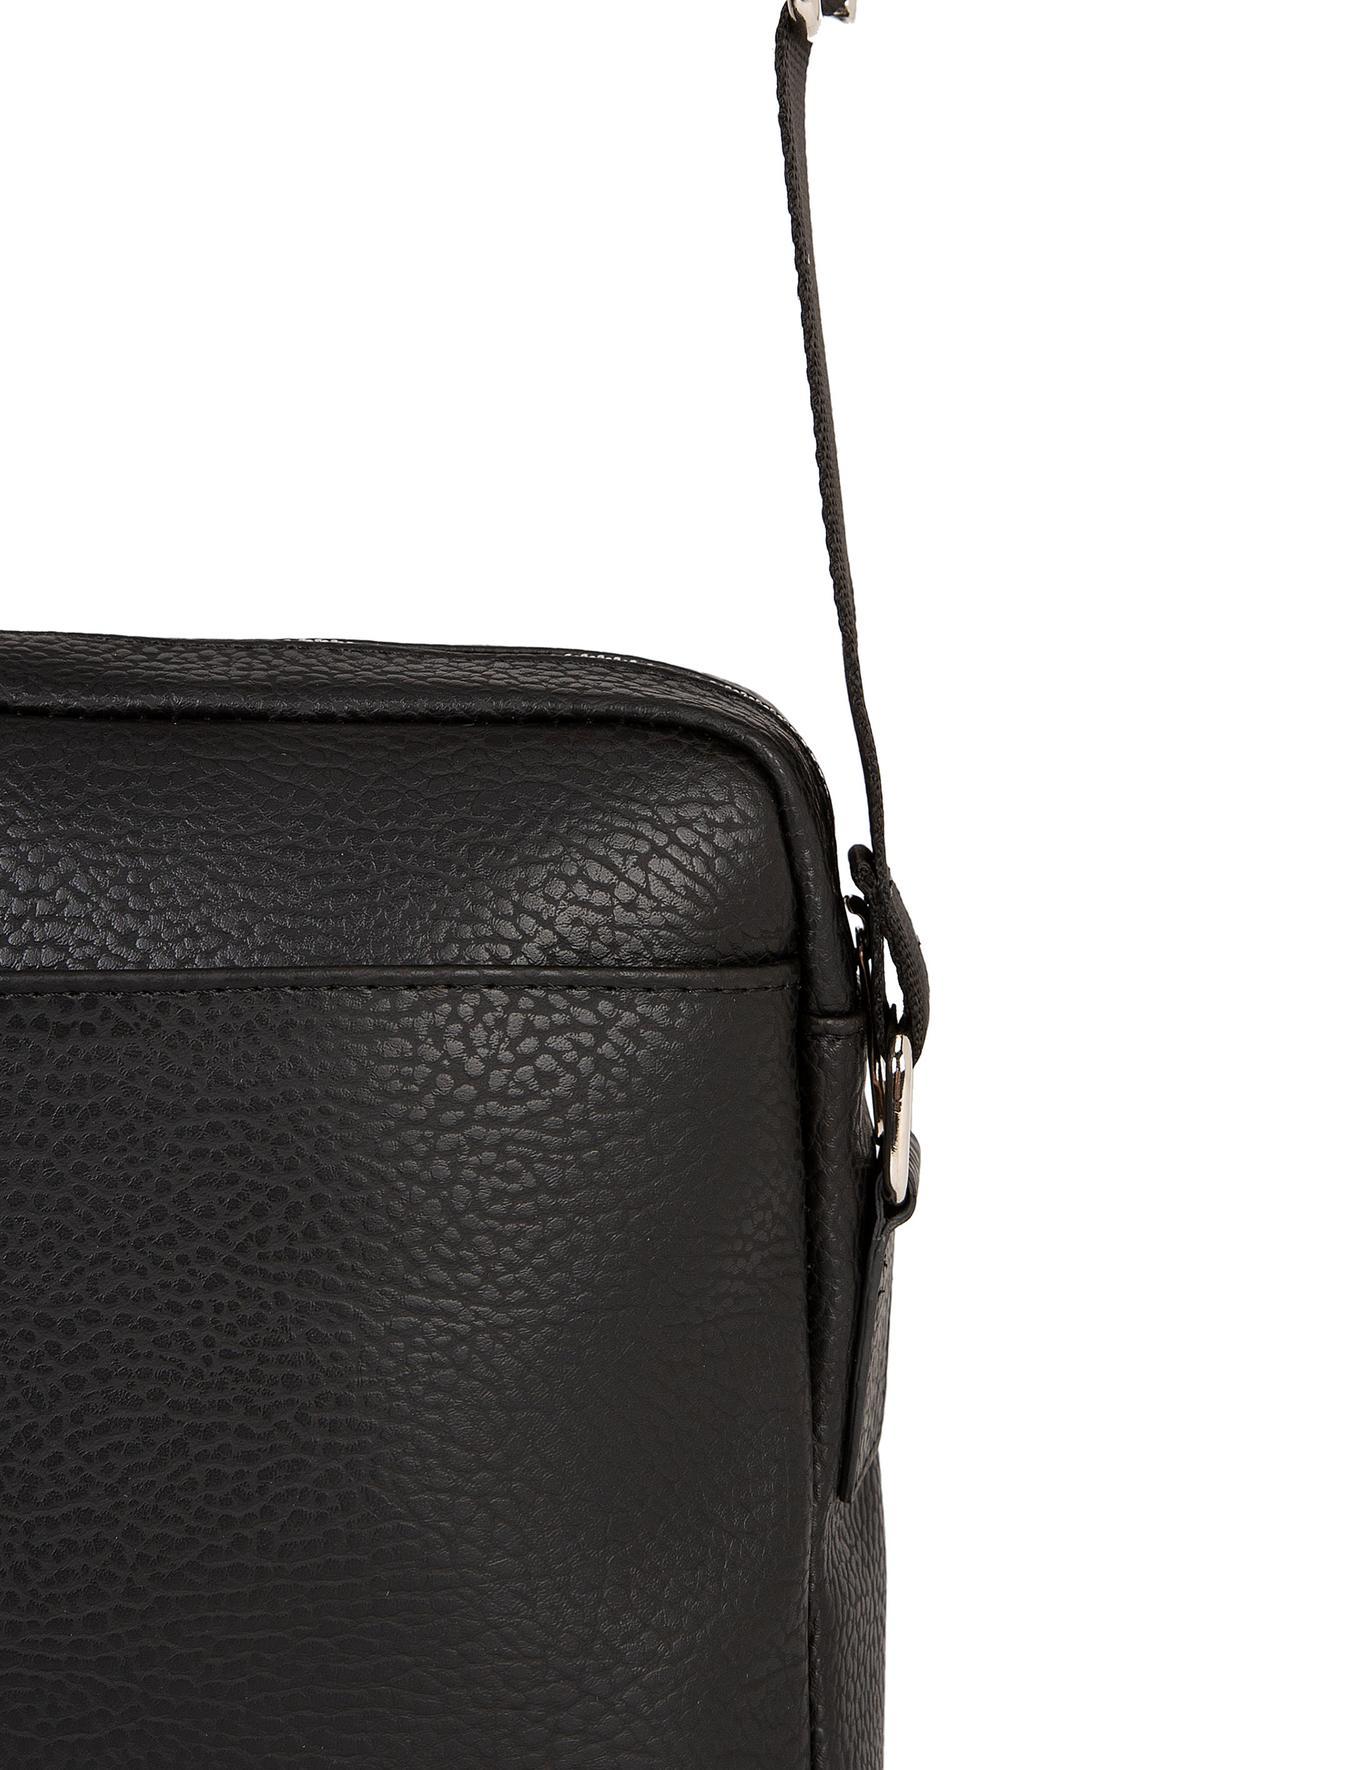 Siyah Omuz Çanta